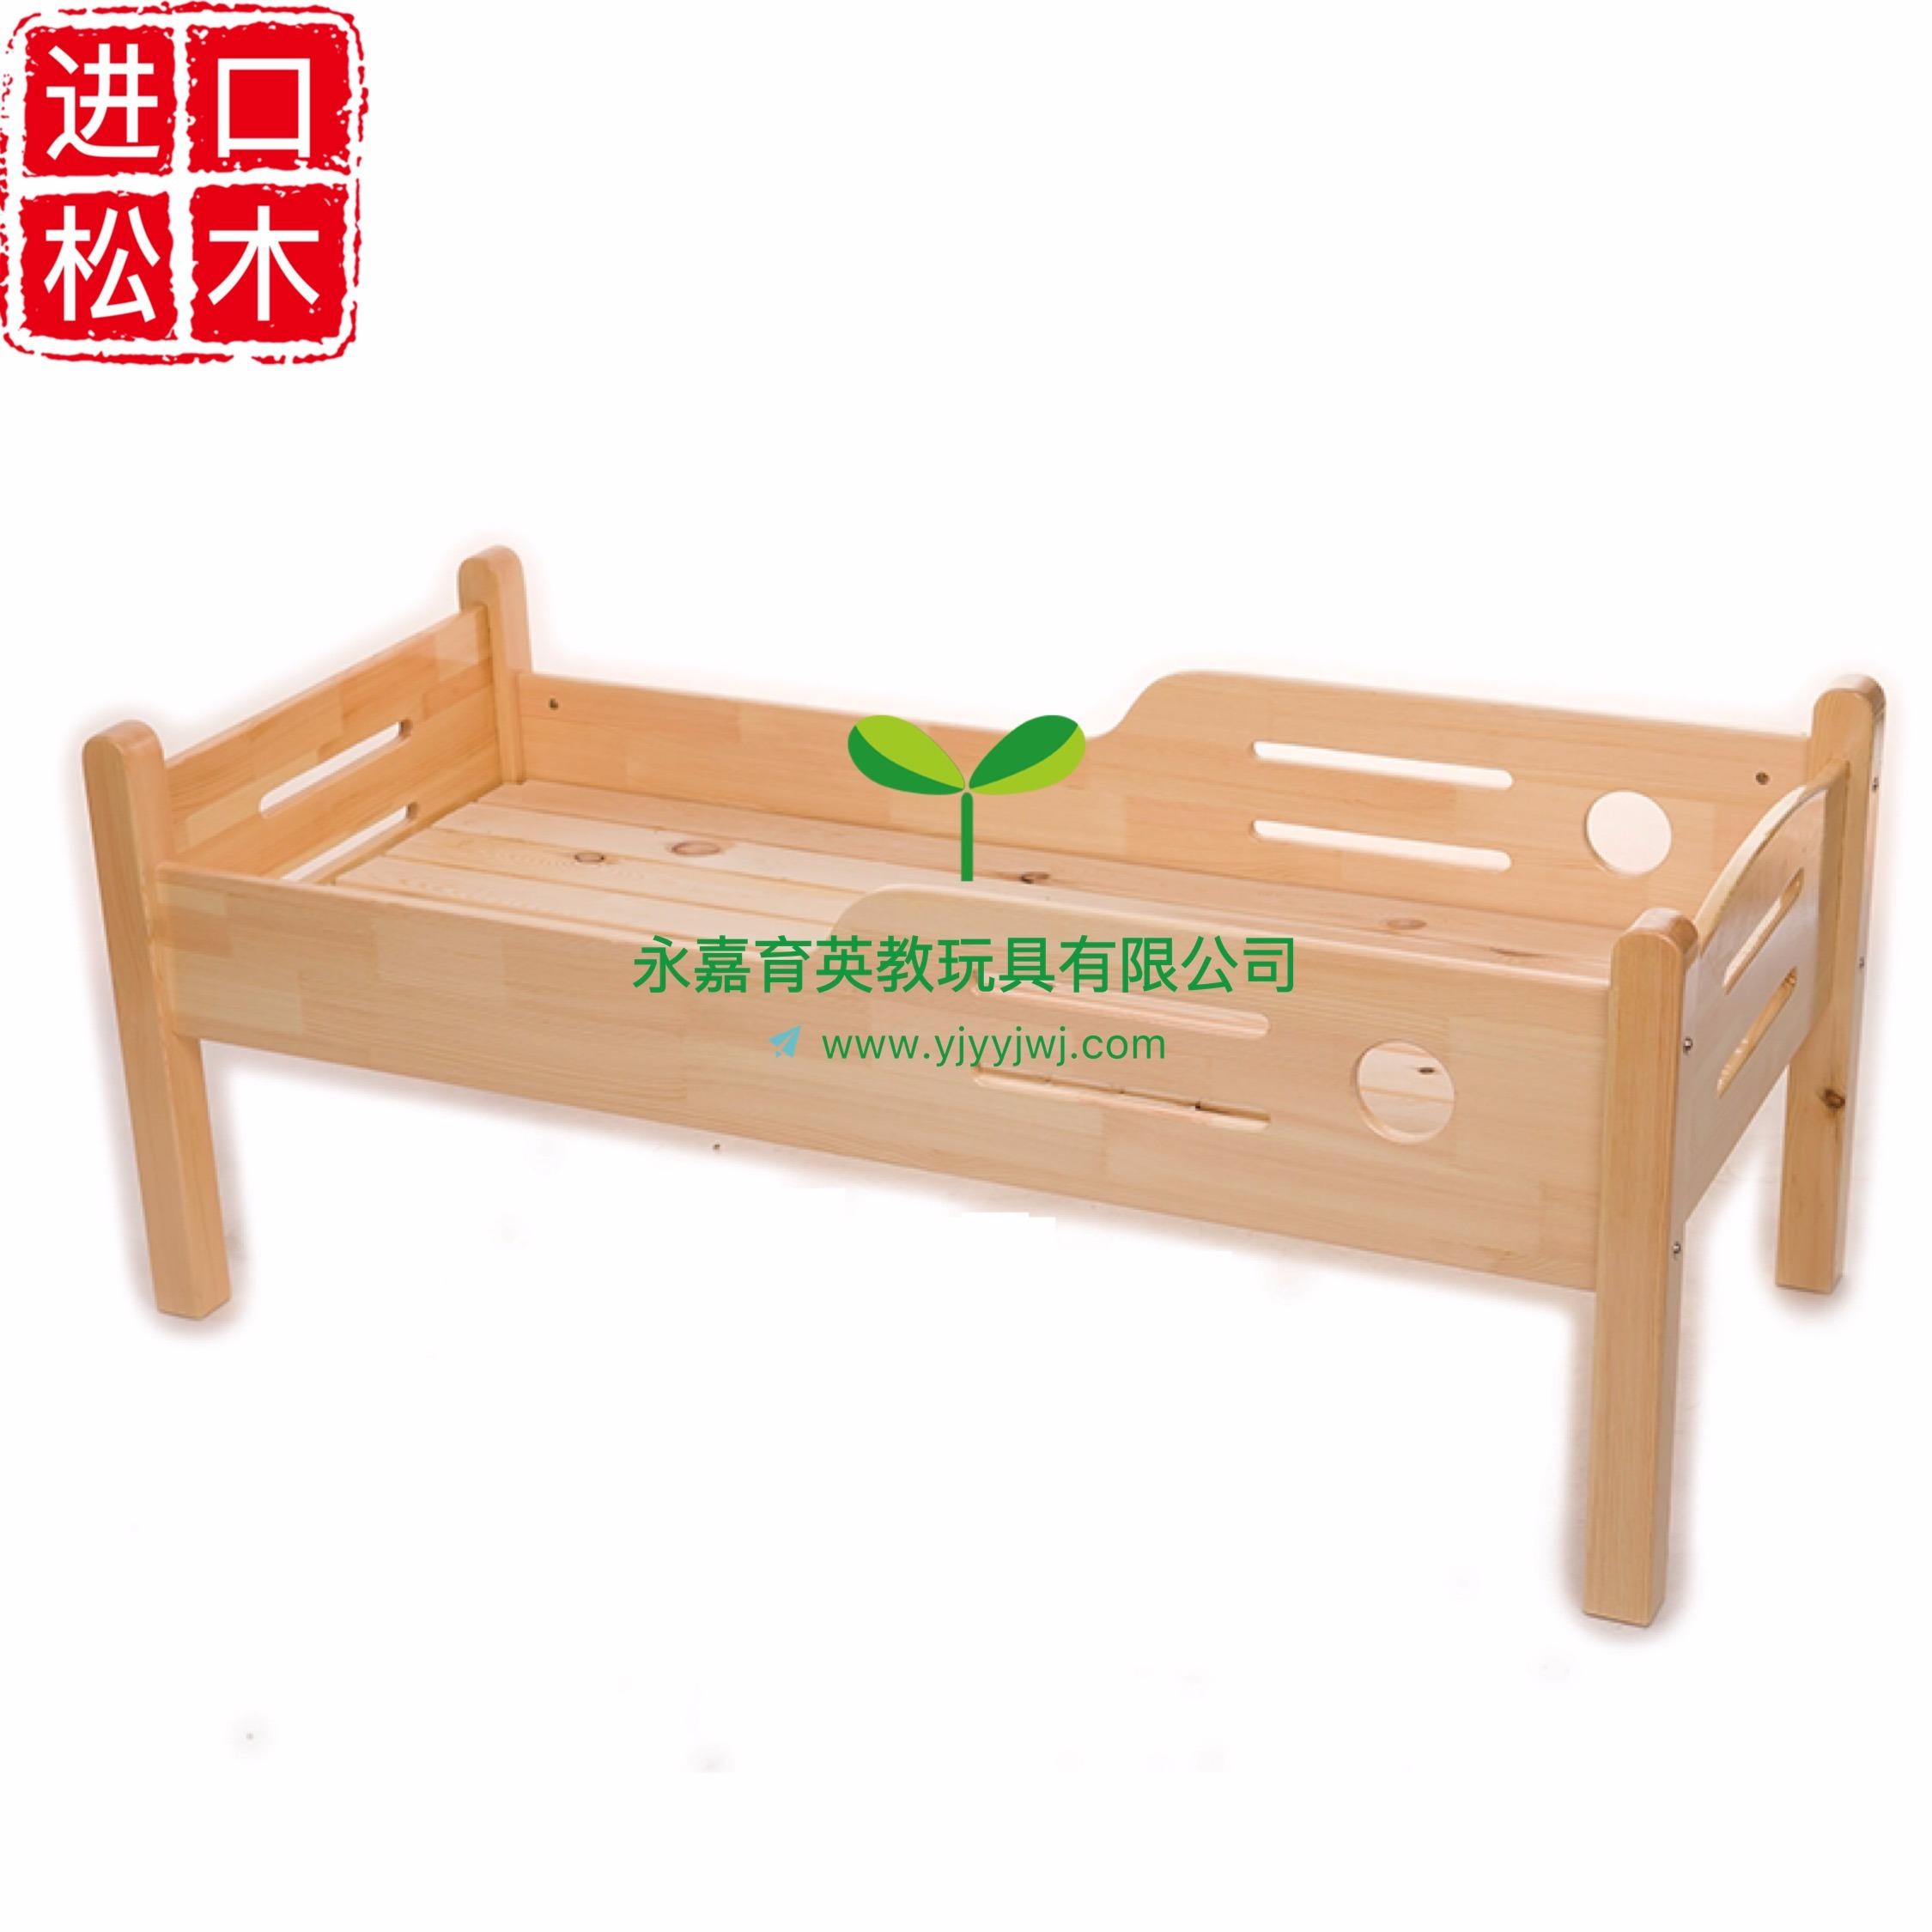 育英儿童床 实木儿童床 儿童床幼儿园用